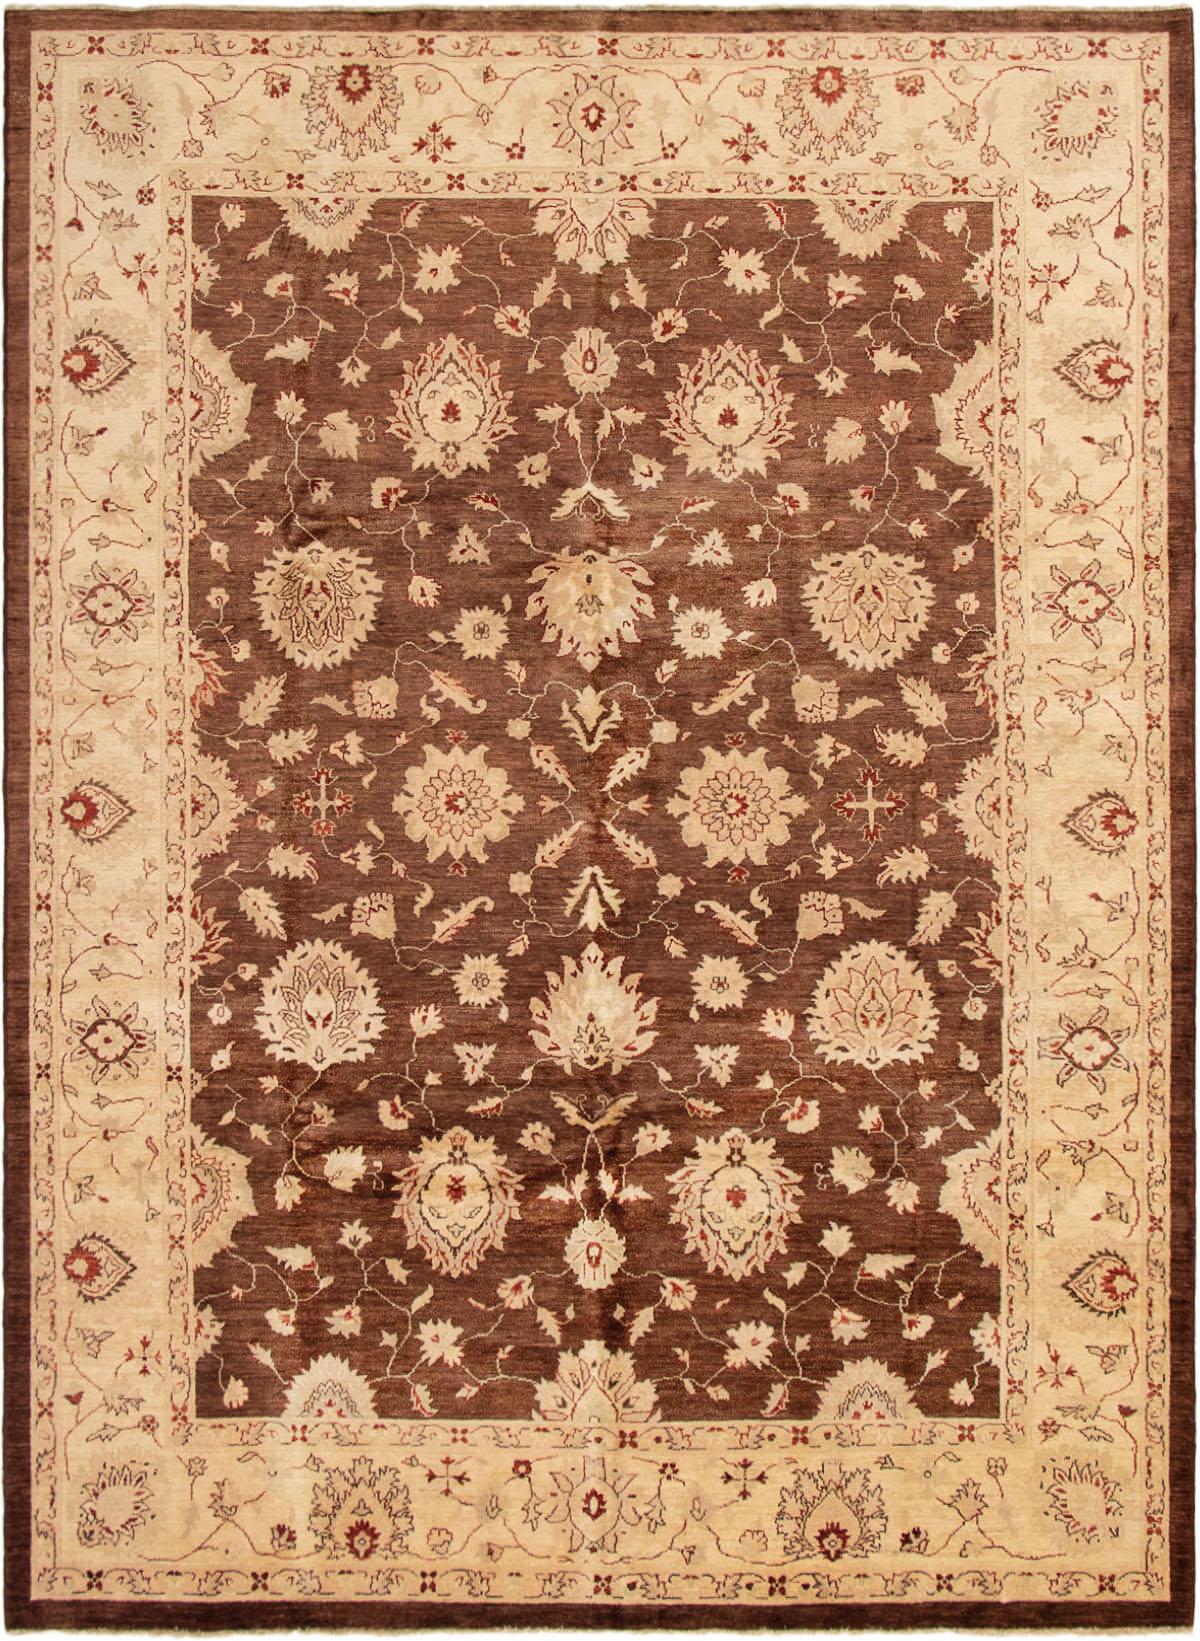 """Hand-knotted Peshawar Finest Dark Brown Wool Rug 9'0"""" x 12'4"""" Size: 9'0"""" x 12'4"""""""